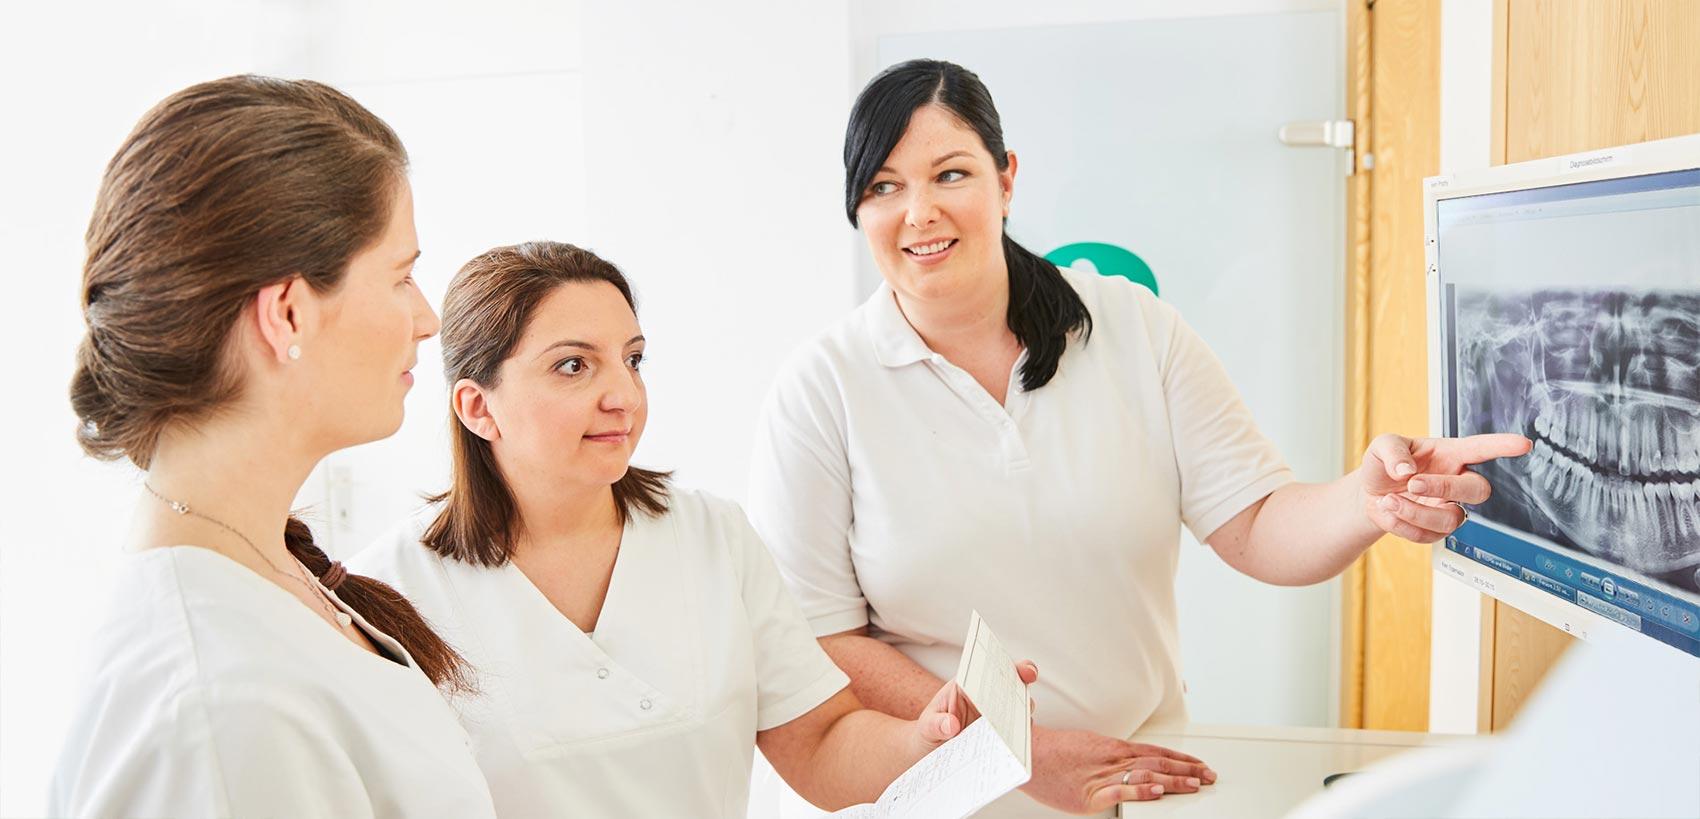 Zahnarztpraxis  Zahnrhein in Walluf - Praxis 2